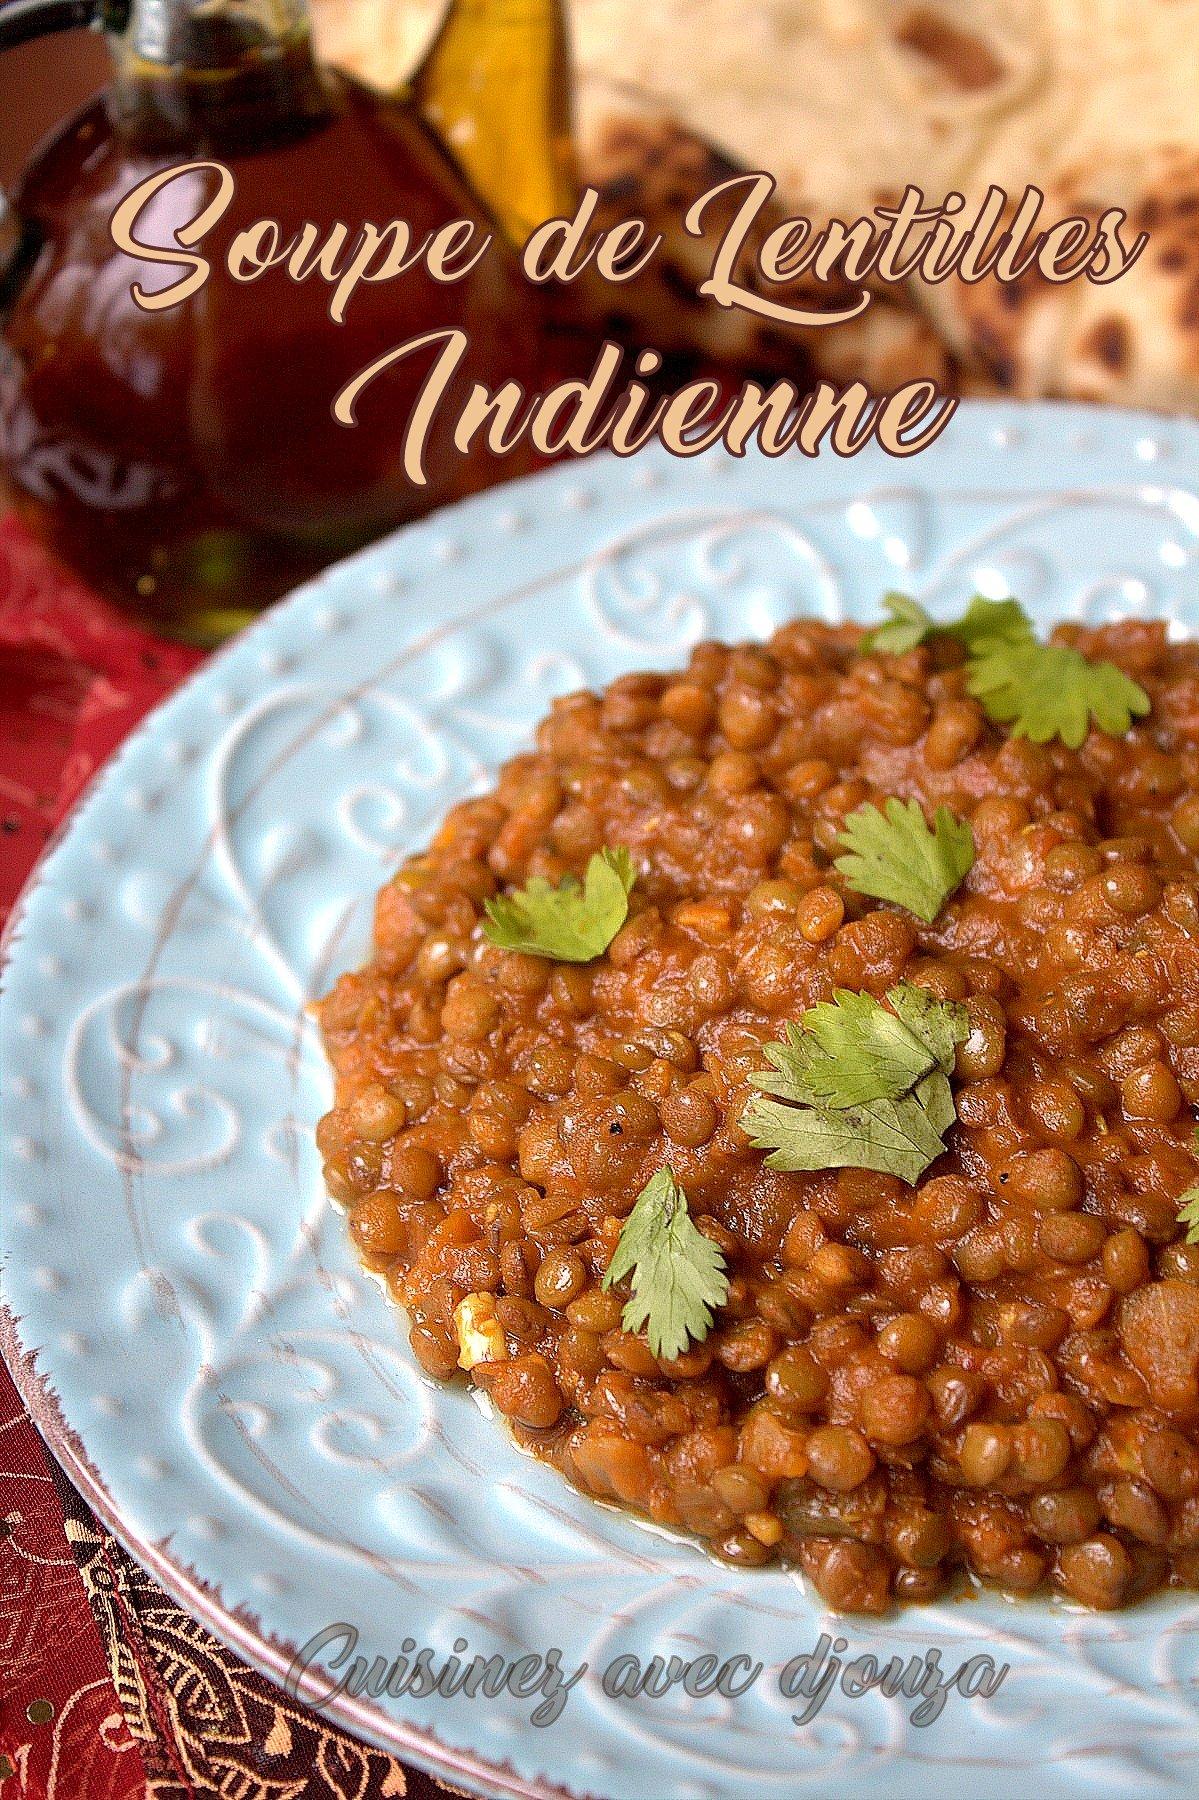 soupe aux lentilles indienne recettes faciles recettes rapides de djouza. Black Bedroom Furniture Sets. Home Design Ideas